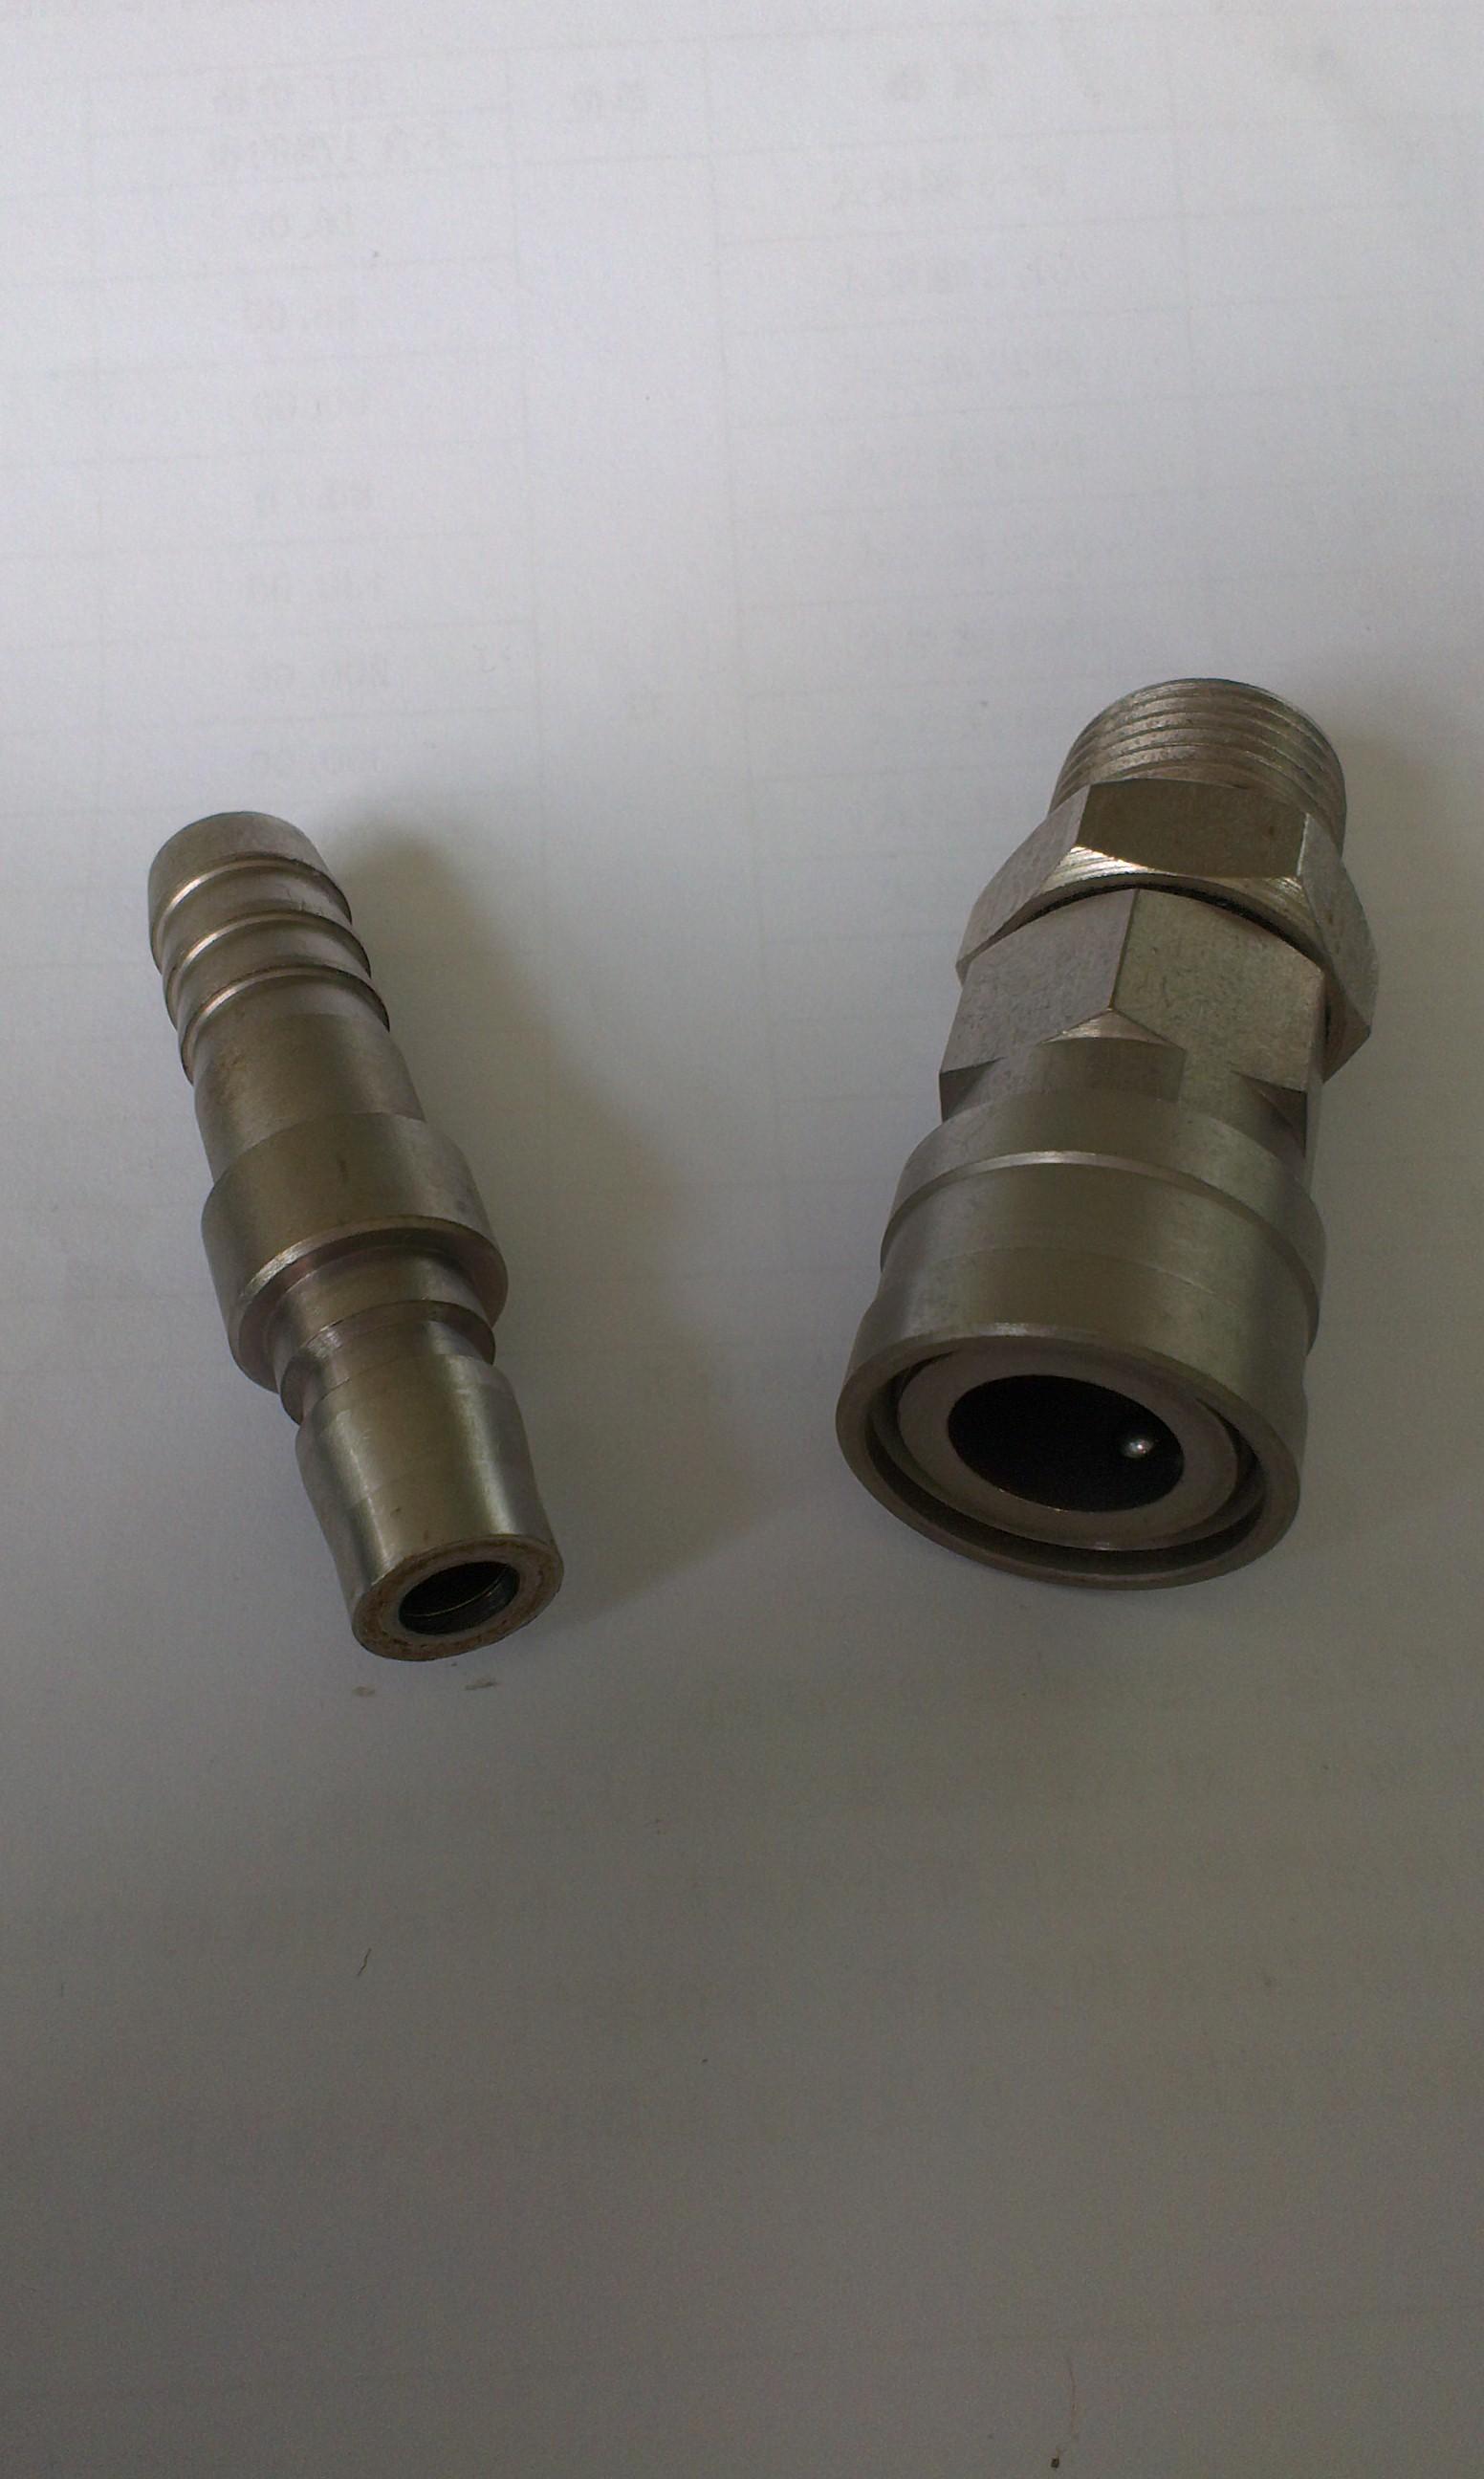 涉及钢结构重工,船舶工业,气体化工,所使用的管子连接与密封的或接头